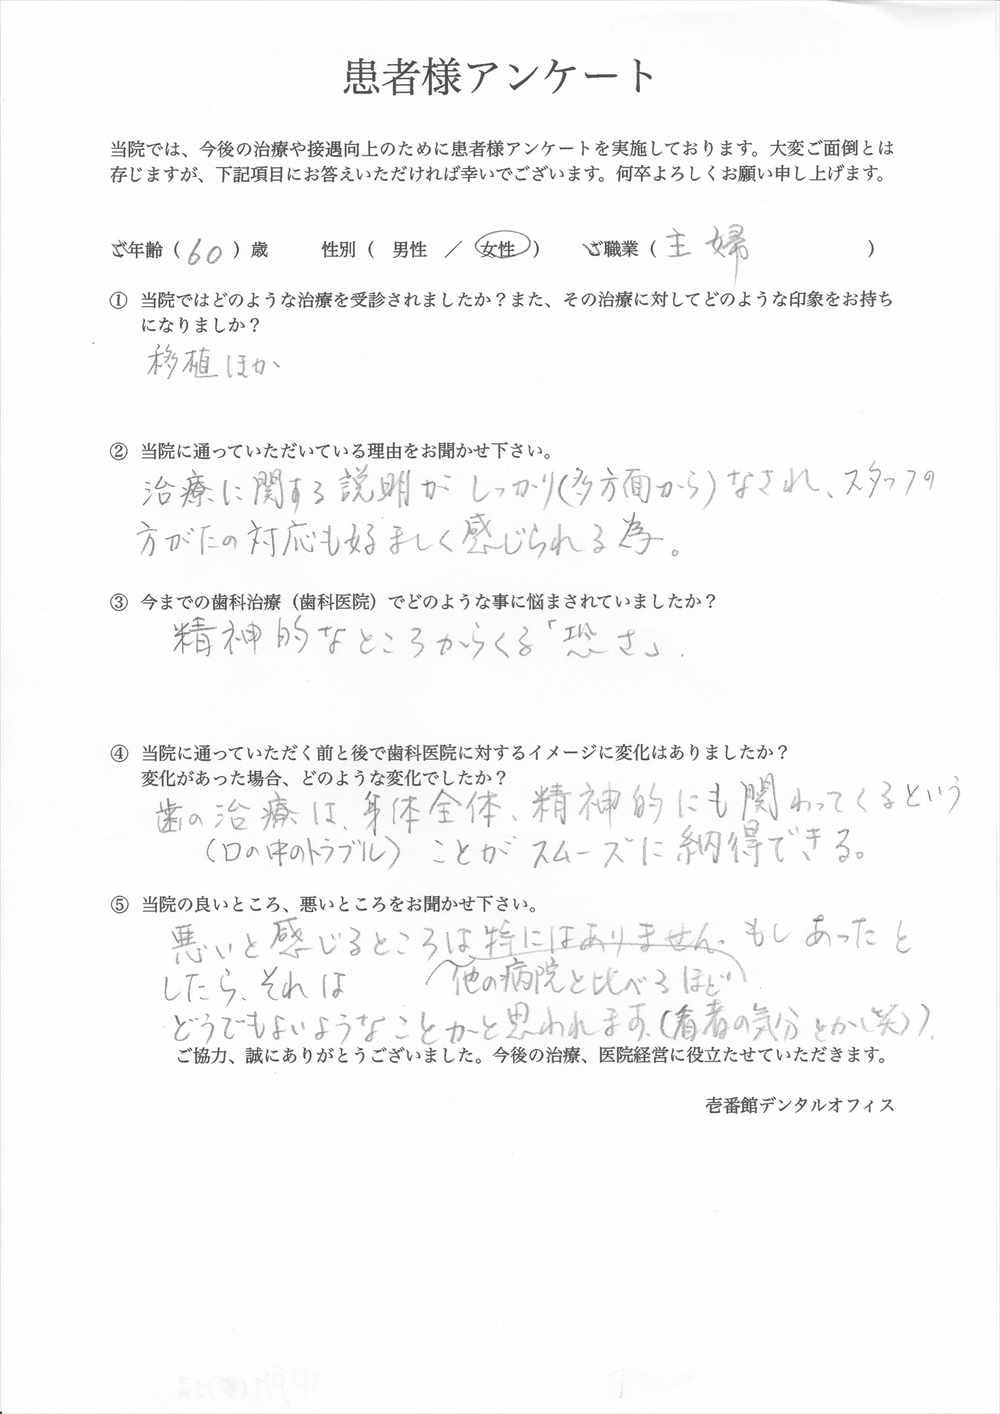 壱番館デンタルオフィス口コミ評判アンケート9